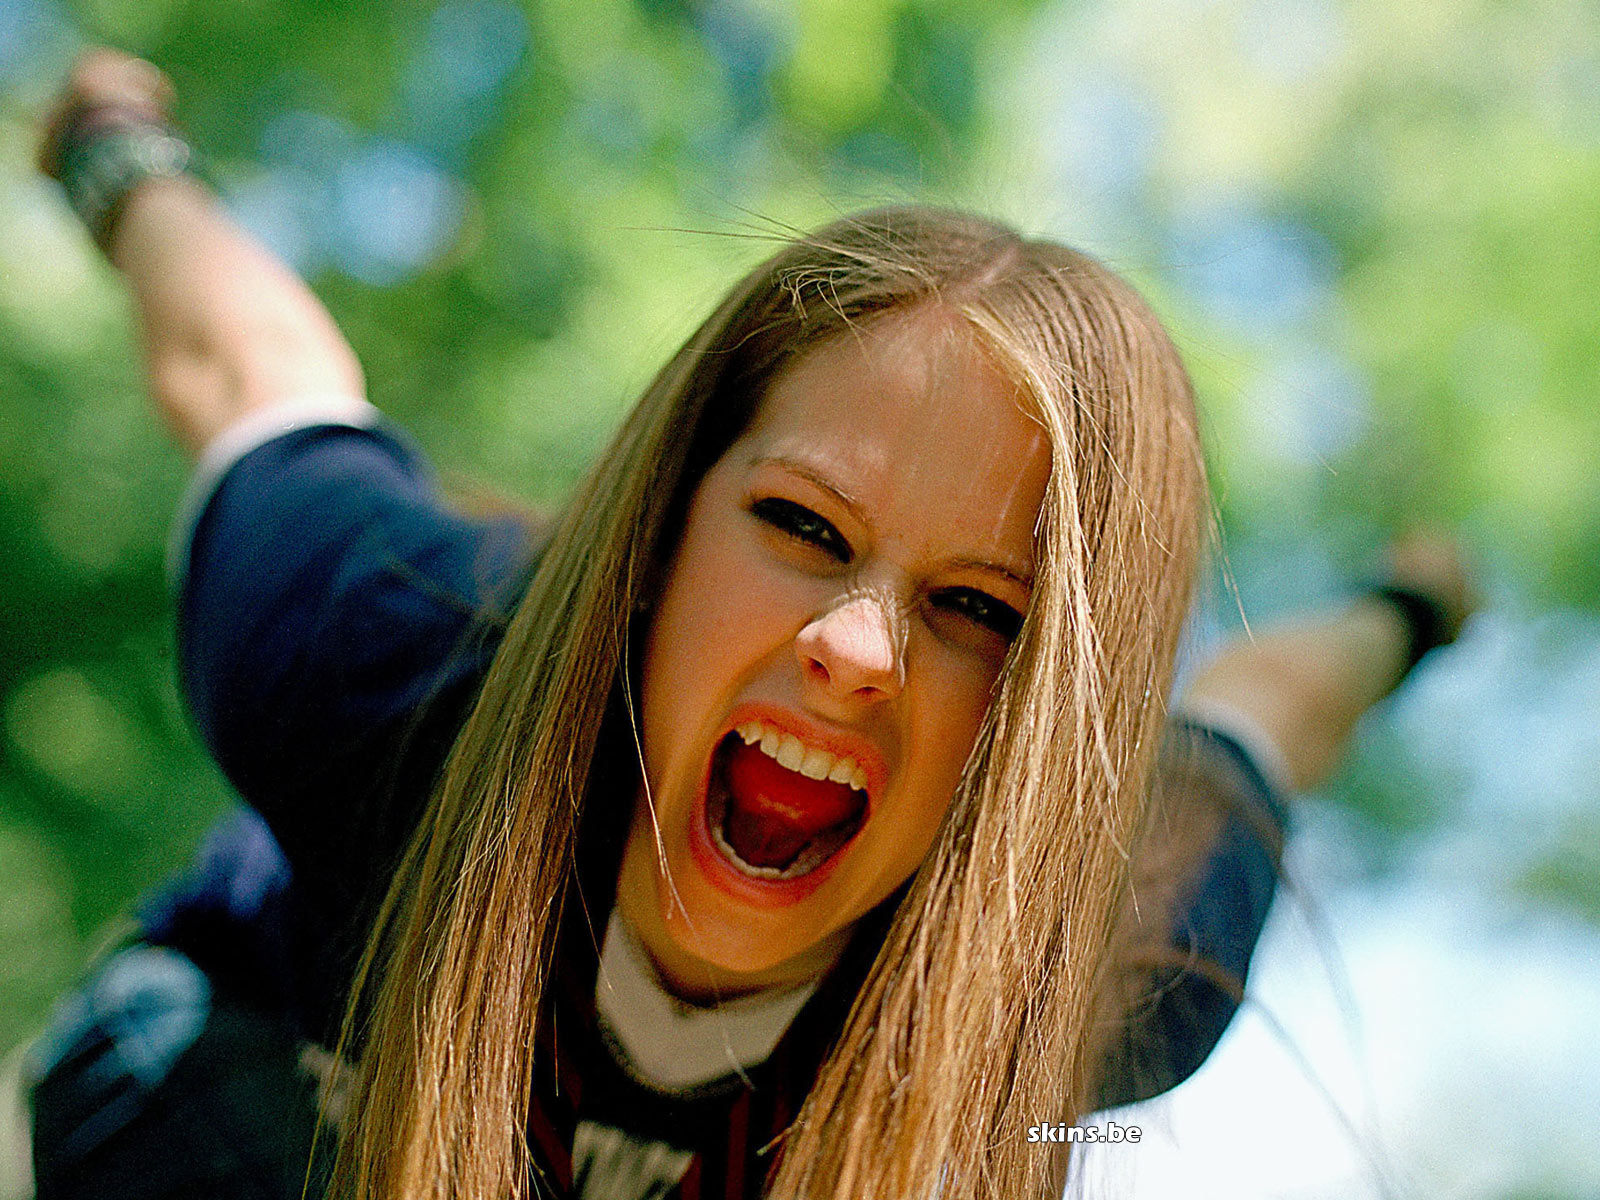 http://4.bp.blogspot.com/-sjvSxuq-a_U/T-_a__ZrTXI/AAAAAAAAAcI/tv3ByuXEudw/s1600/Avril+Lavigne+Photo+(10).jpg